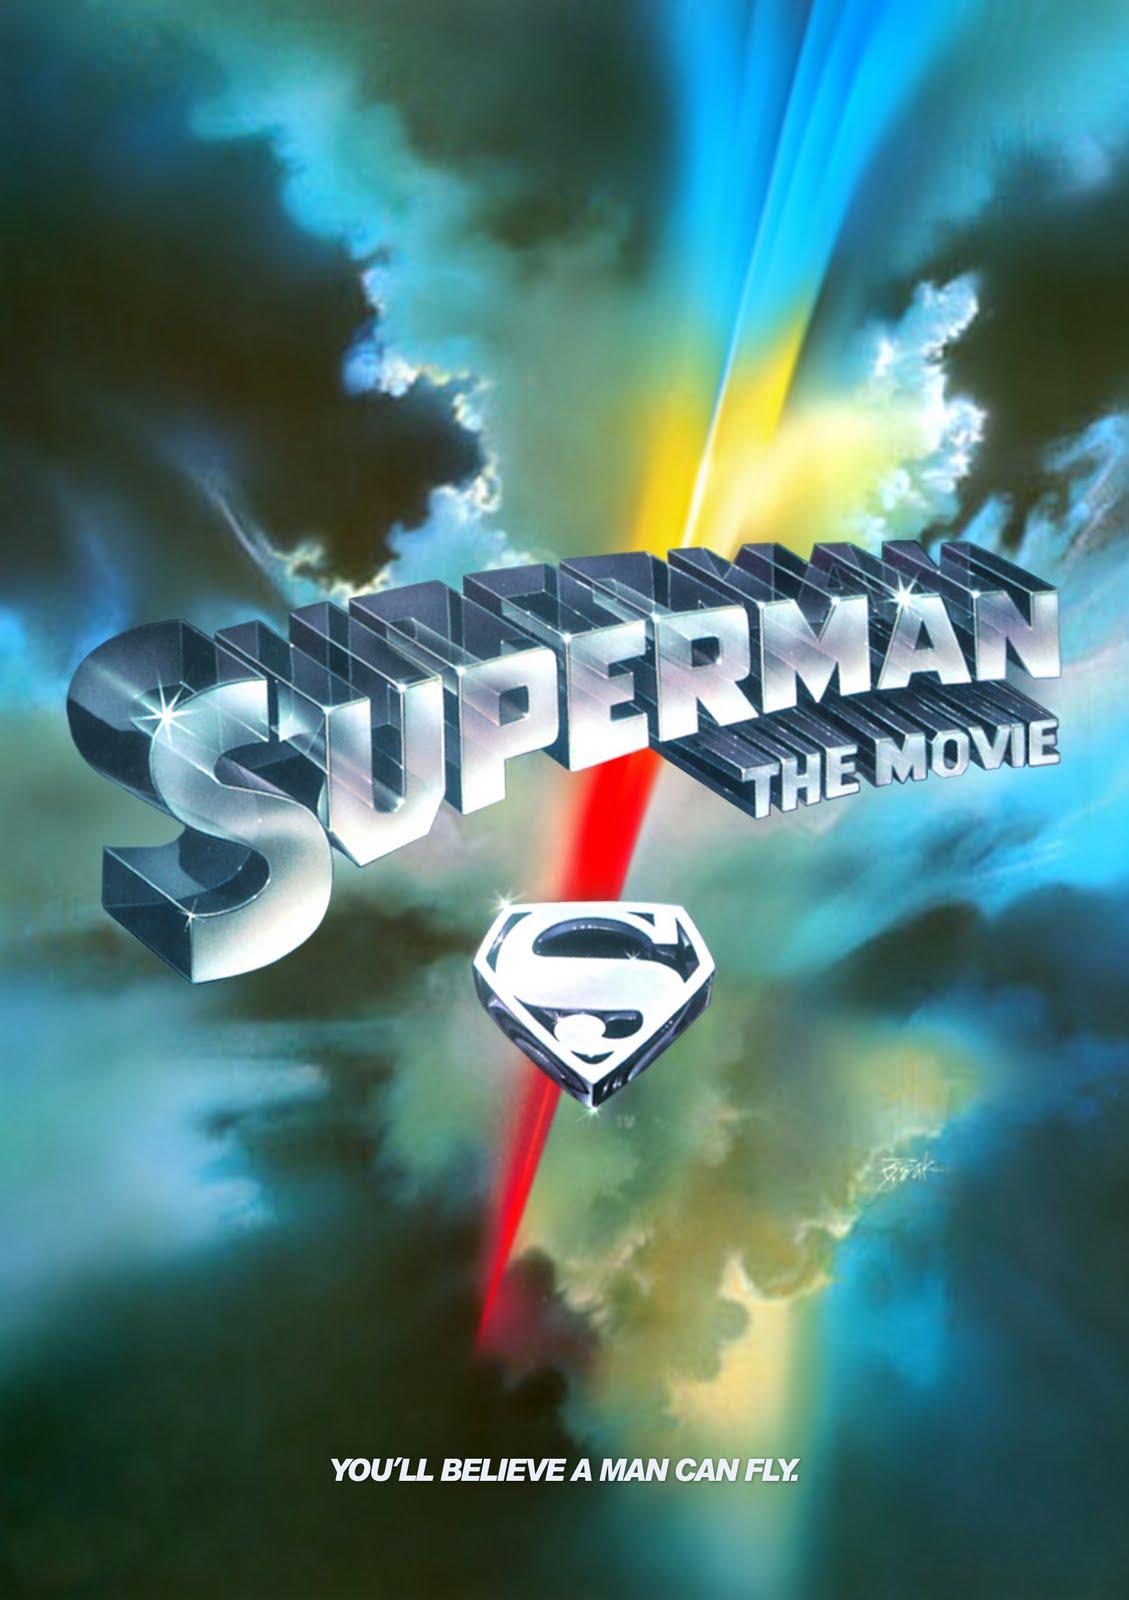 http://2.bp.blogspot.com/_TZOfOuEveHI/TAvoo9d9A2I/AAAAAAAABlk/5Lg9cHSp97Y/s1600/superman_hires.jpg